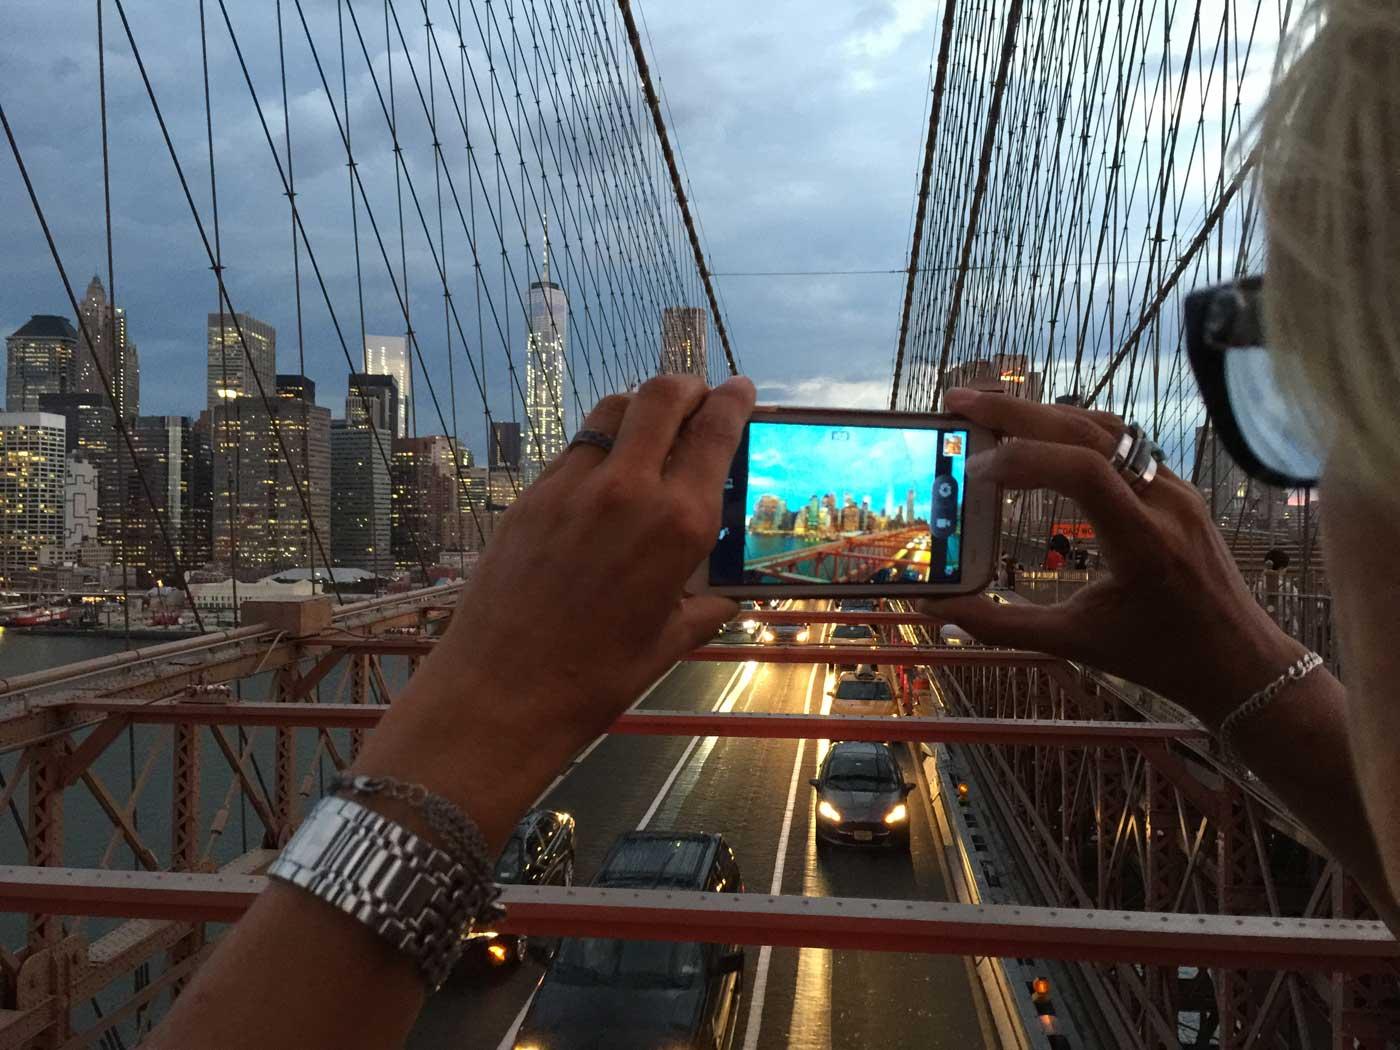 École photographie: connaitre les diplômes